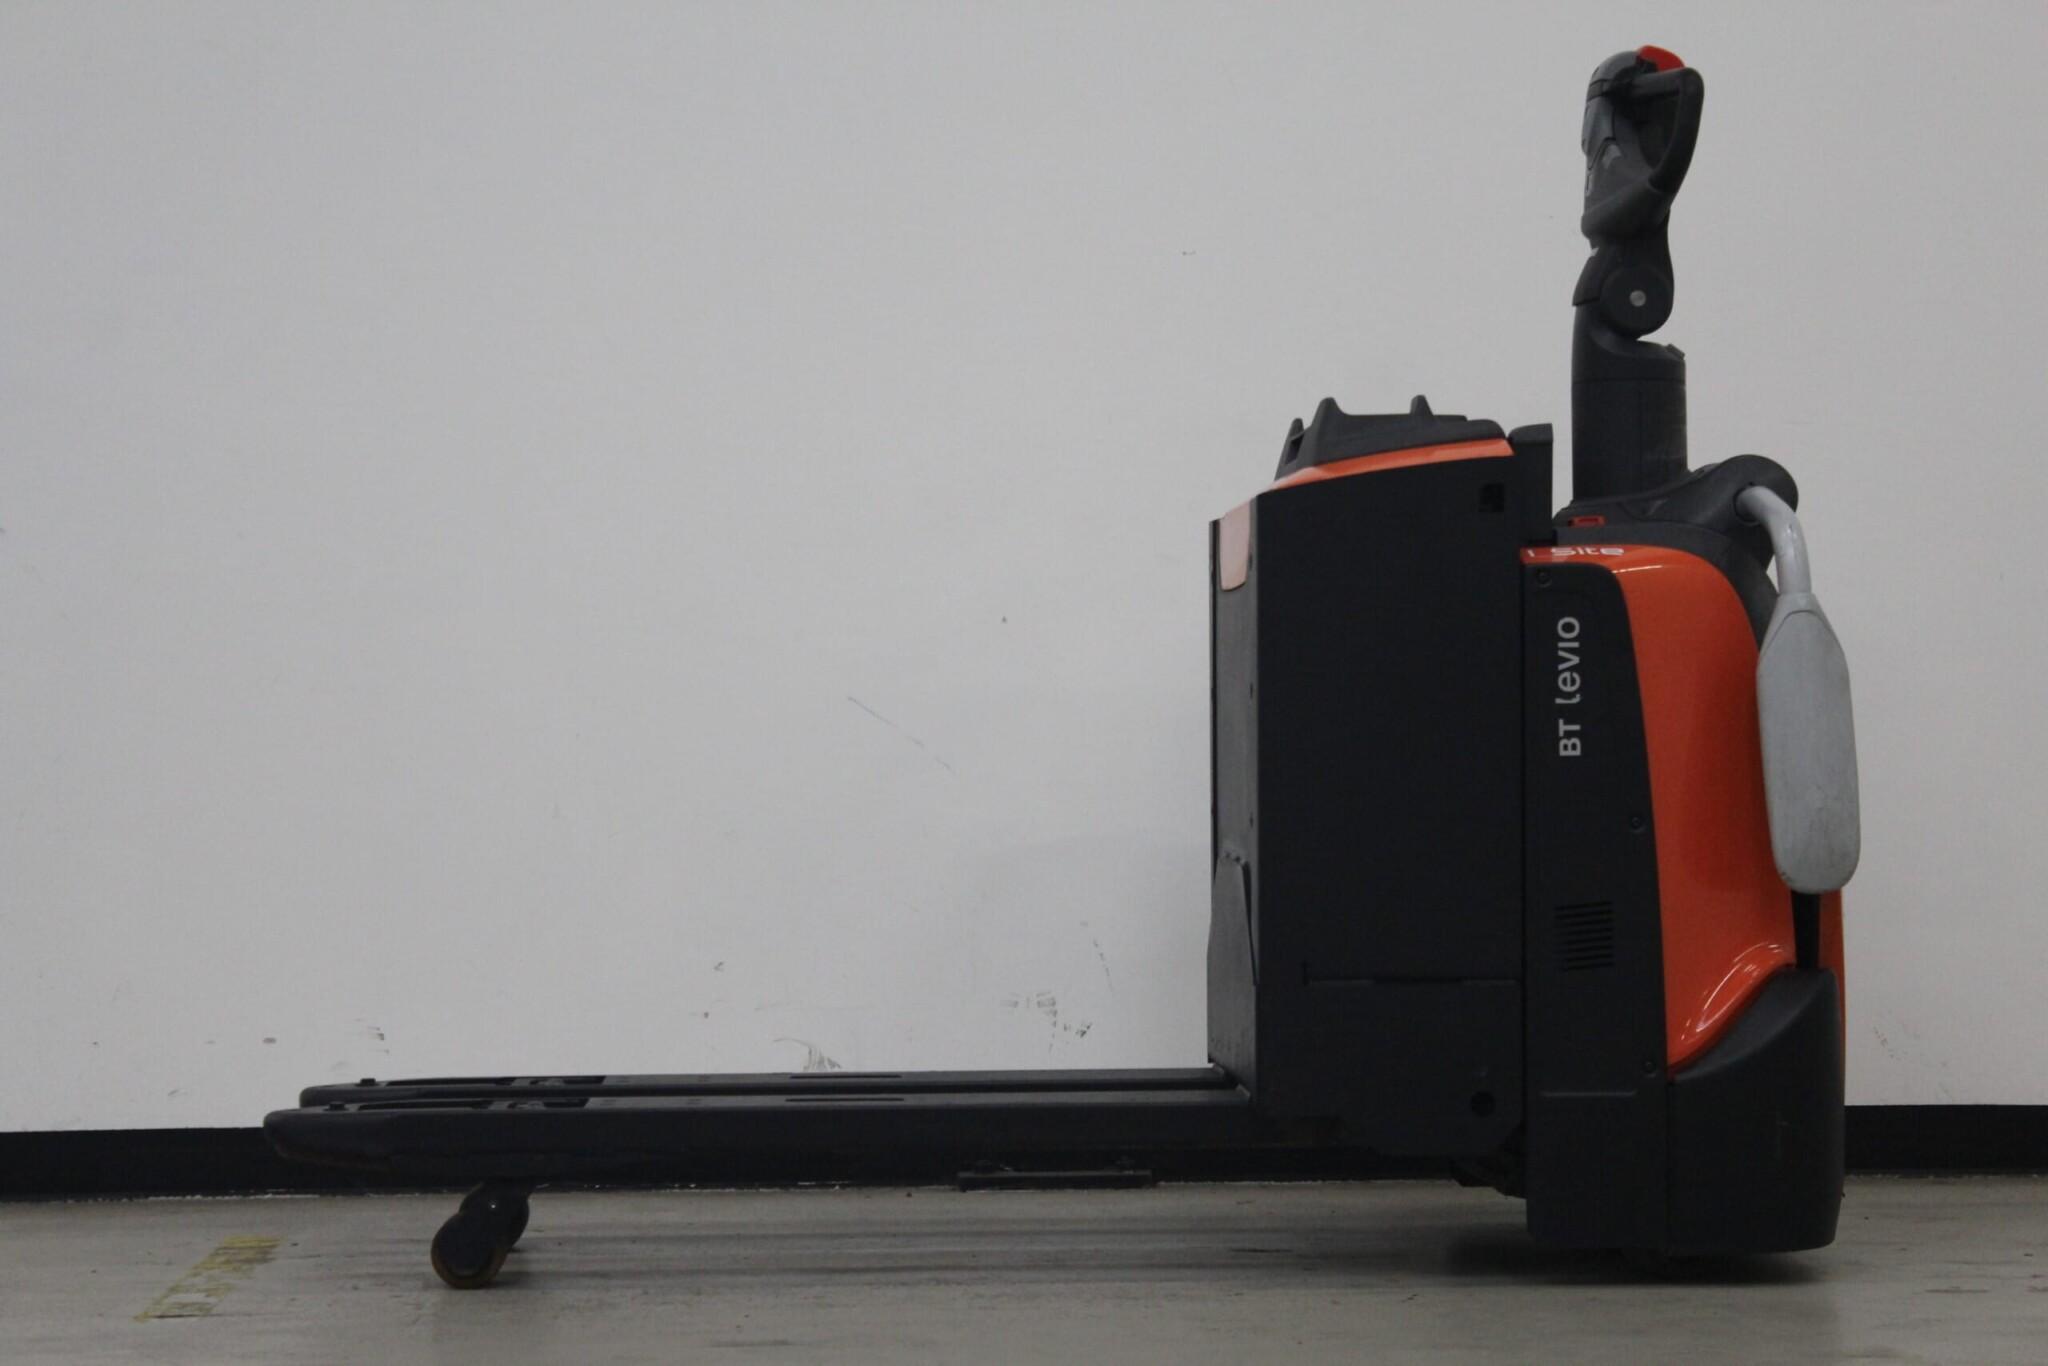 Toyota-Gabelstapler-59840 1810029233 1 scaled